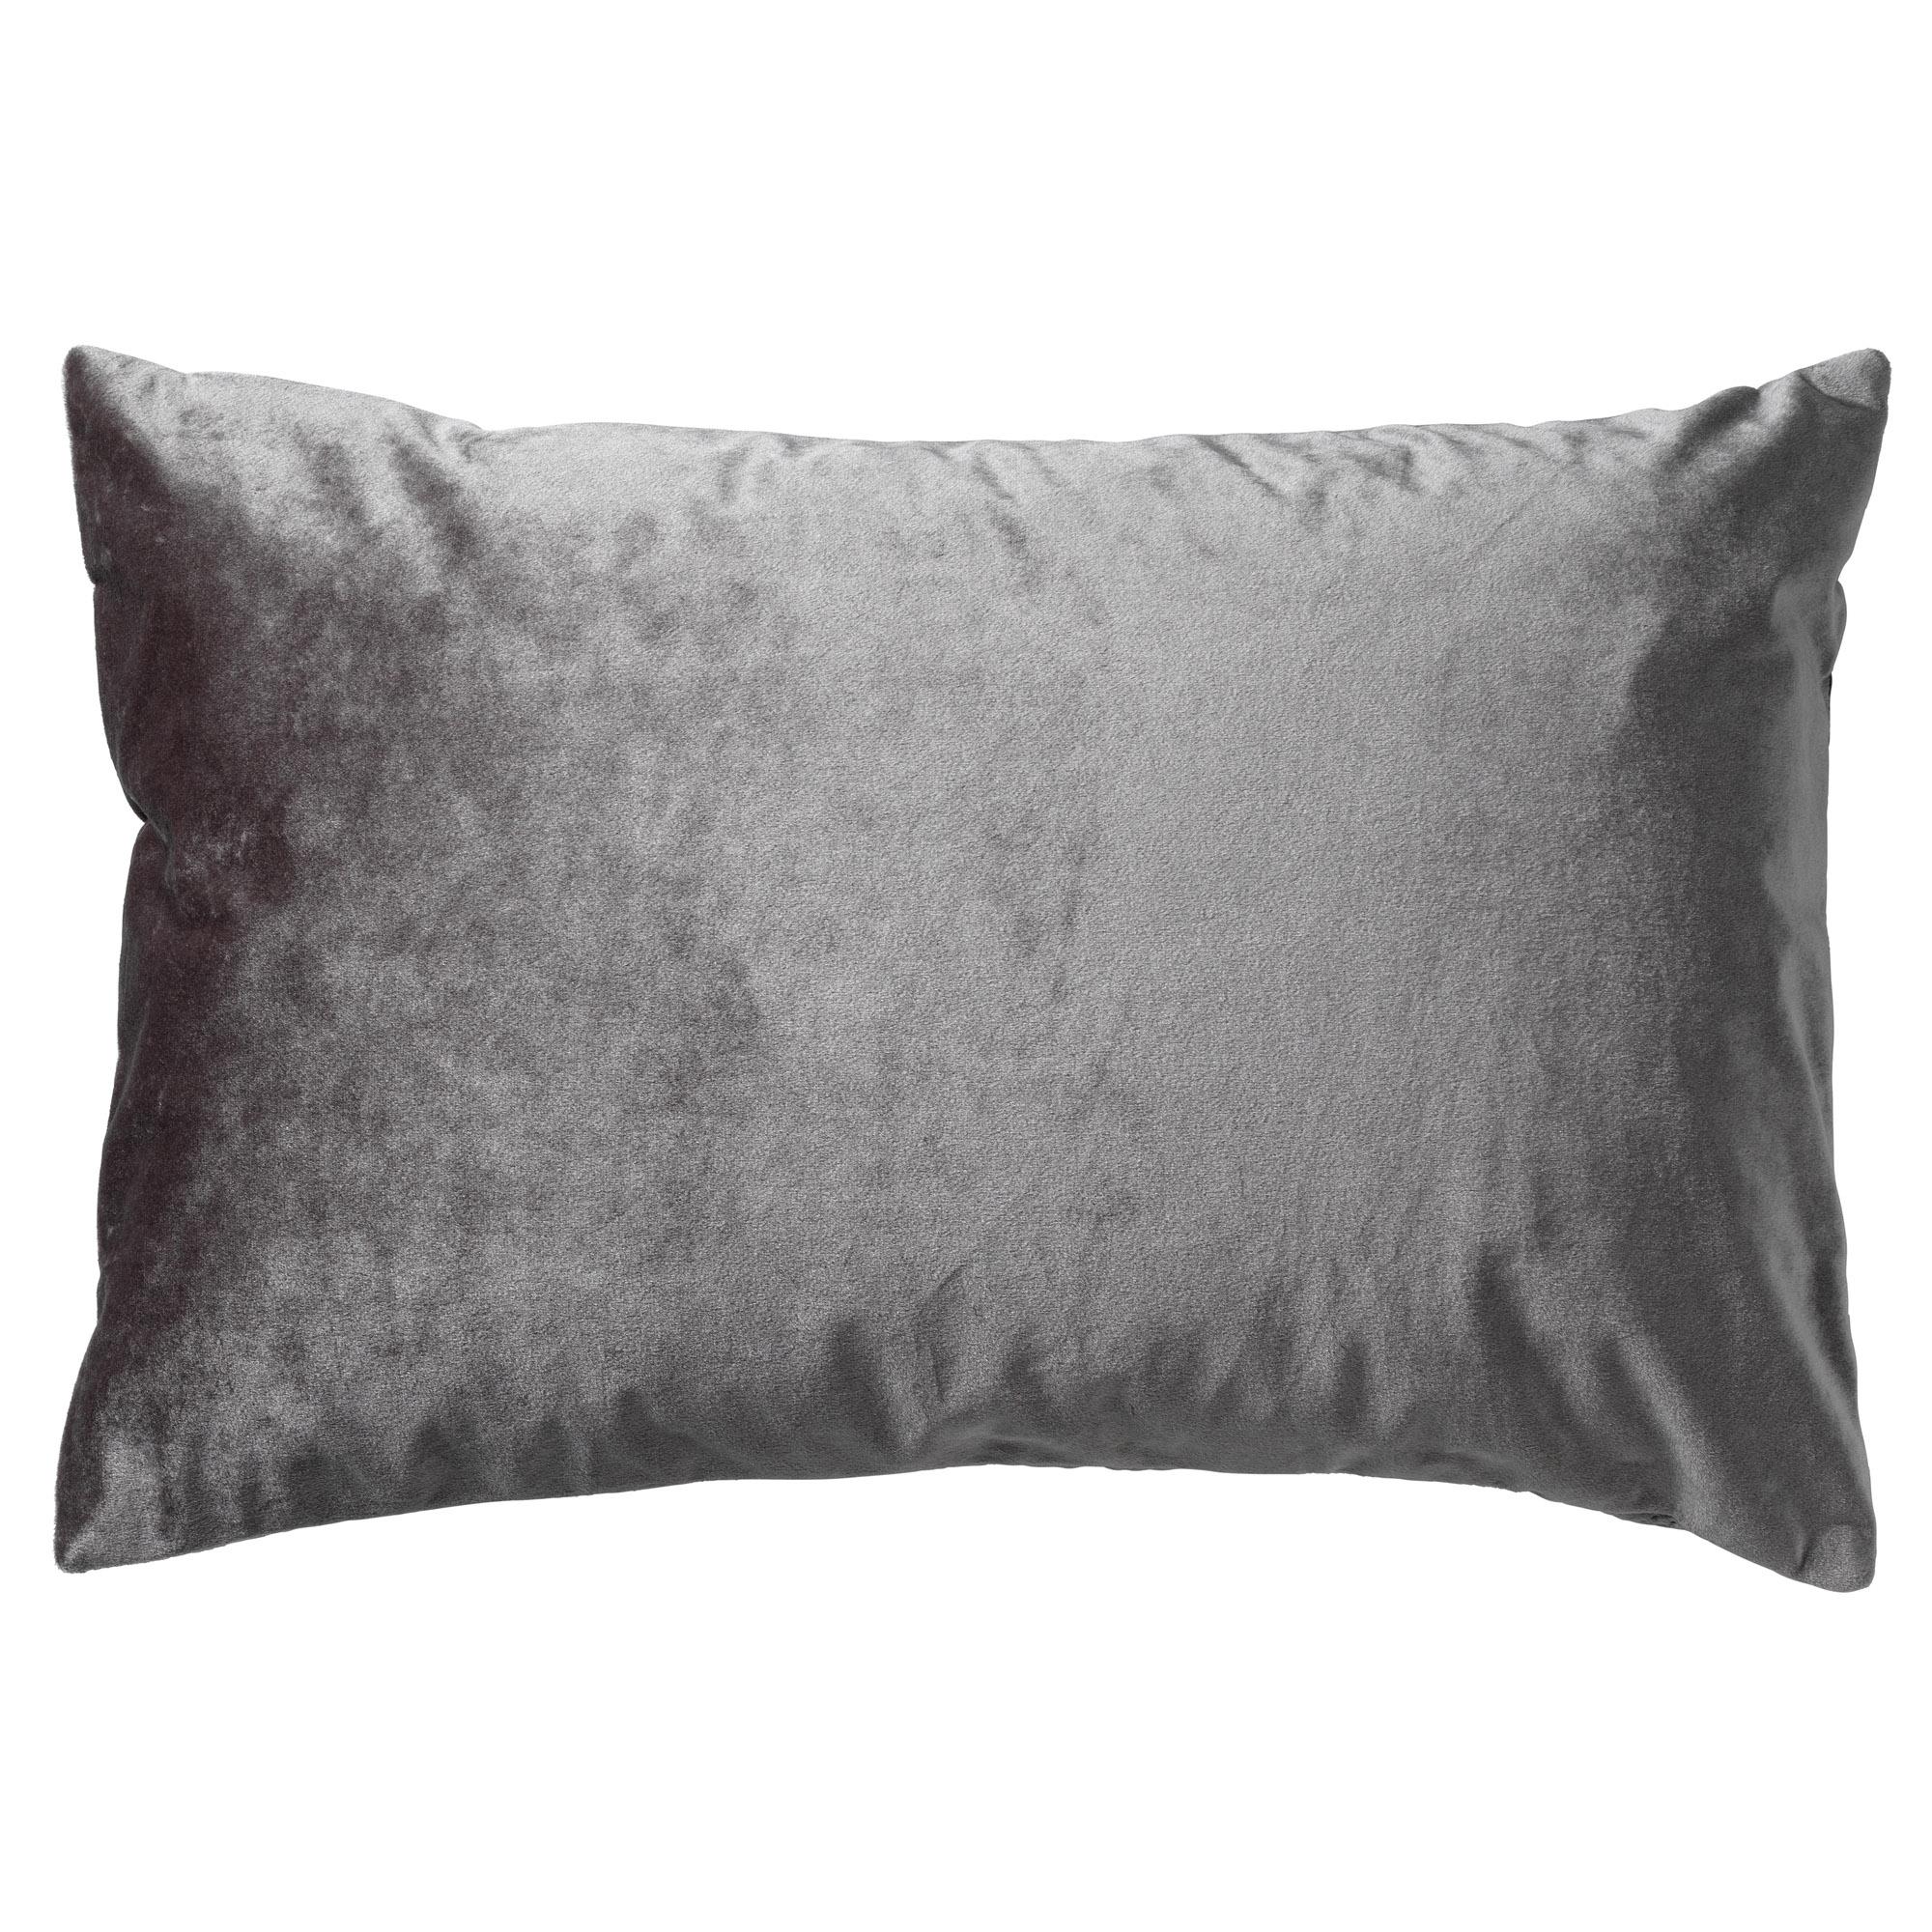 NIELS - Sierkussen velvet Charcoal Grey 40x60 cm